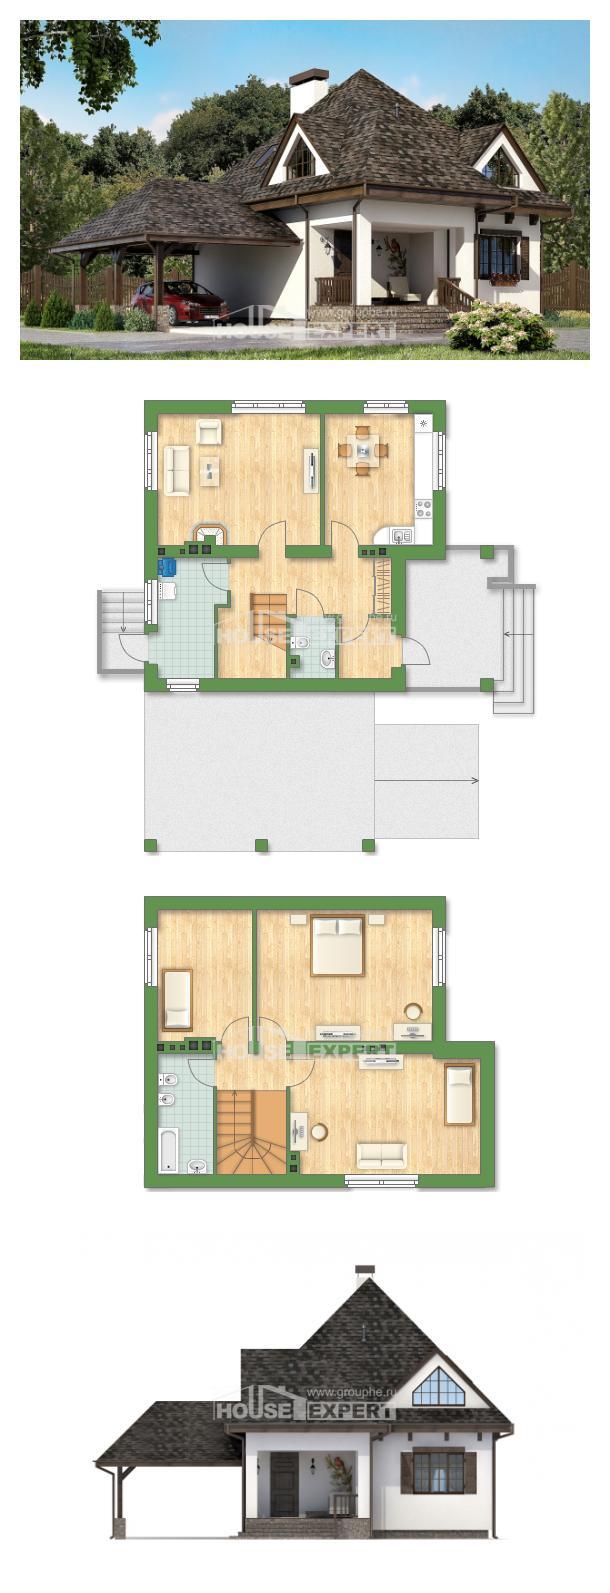 房子的设计 110-002-L   House Expert